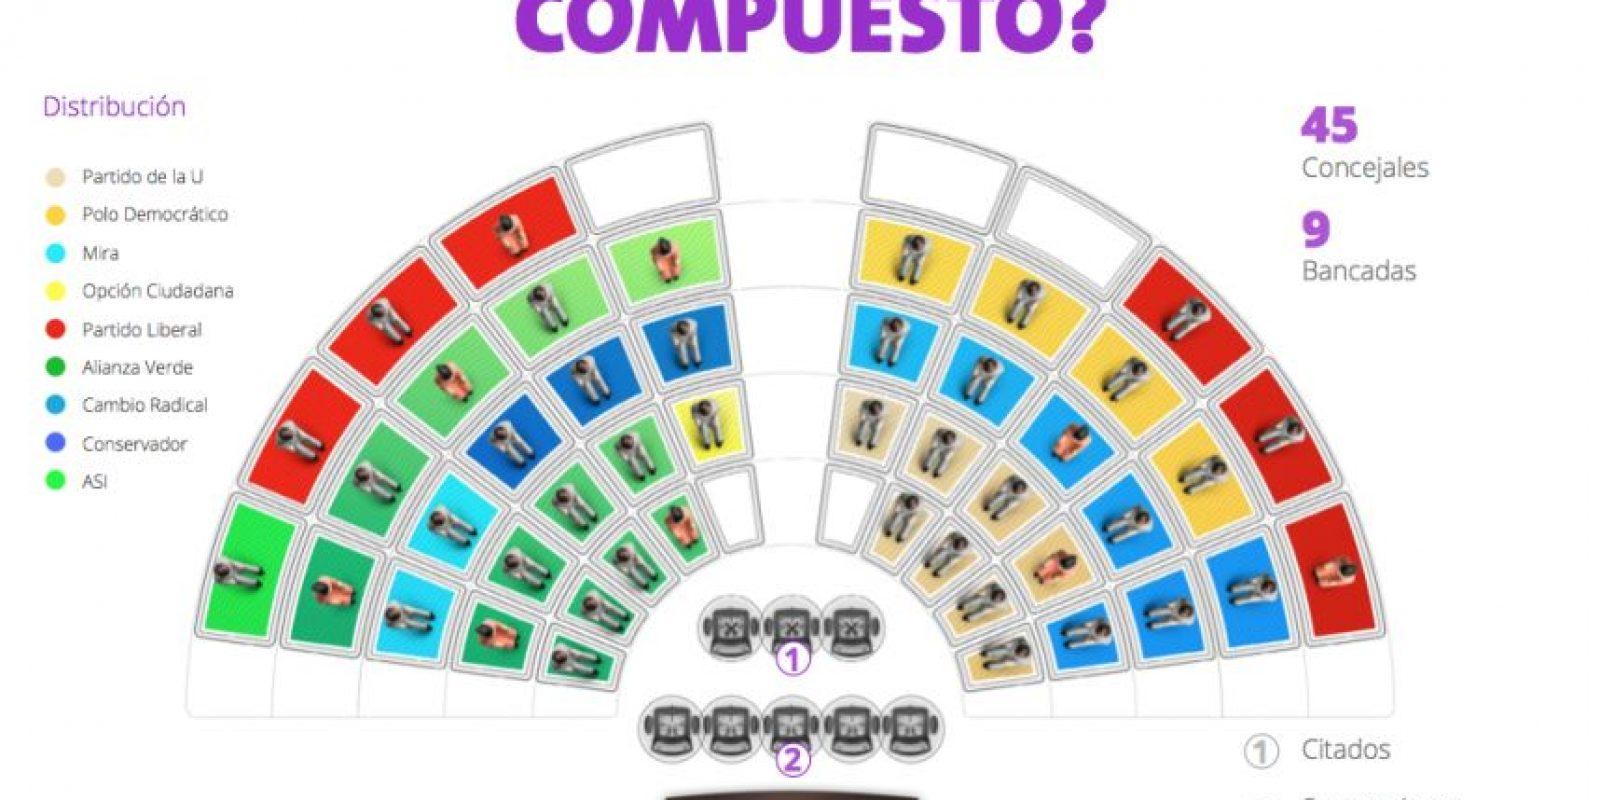 Así está conformado el Concejo de Bogotá. Foto:Cortesía 'Concejo Cómo Vamos'